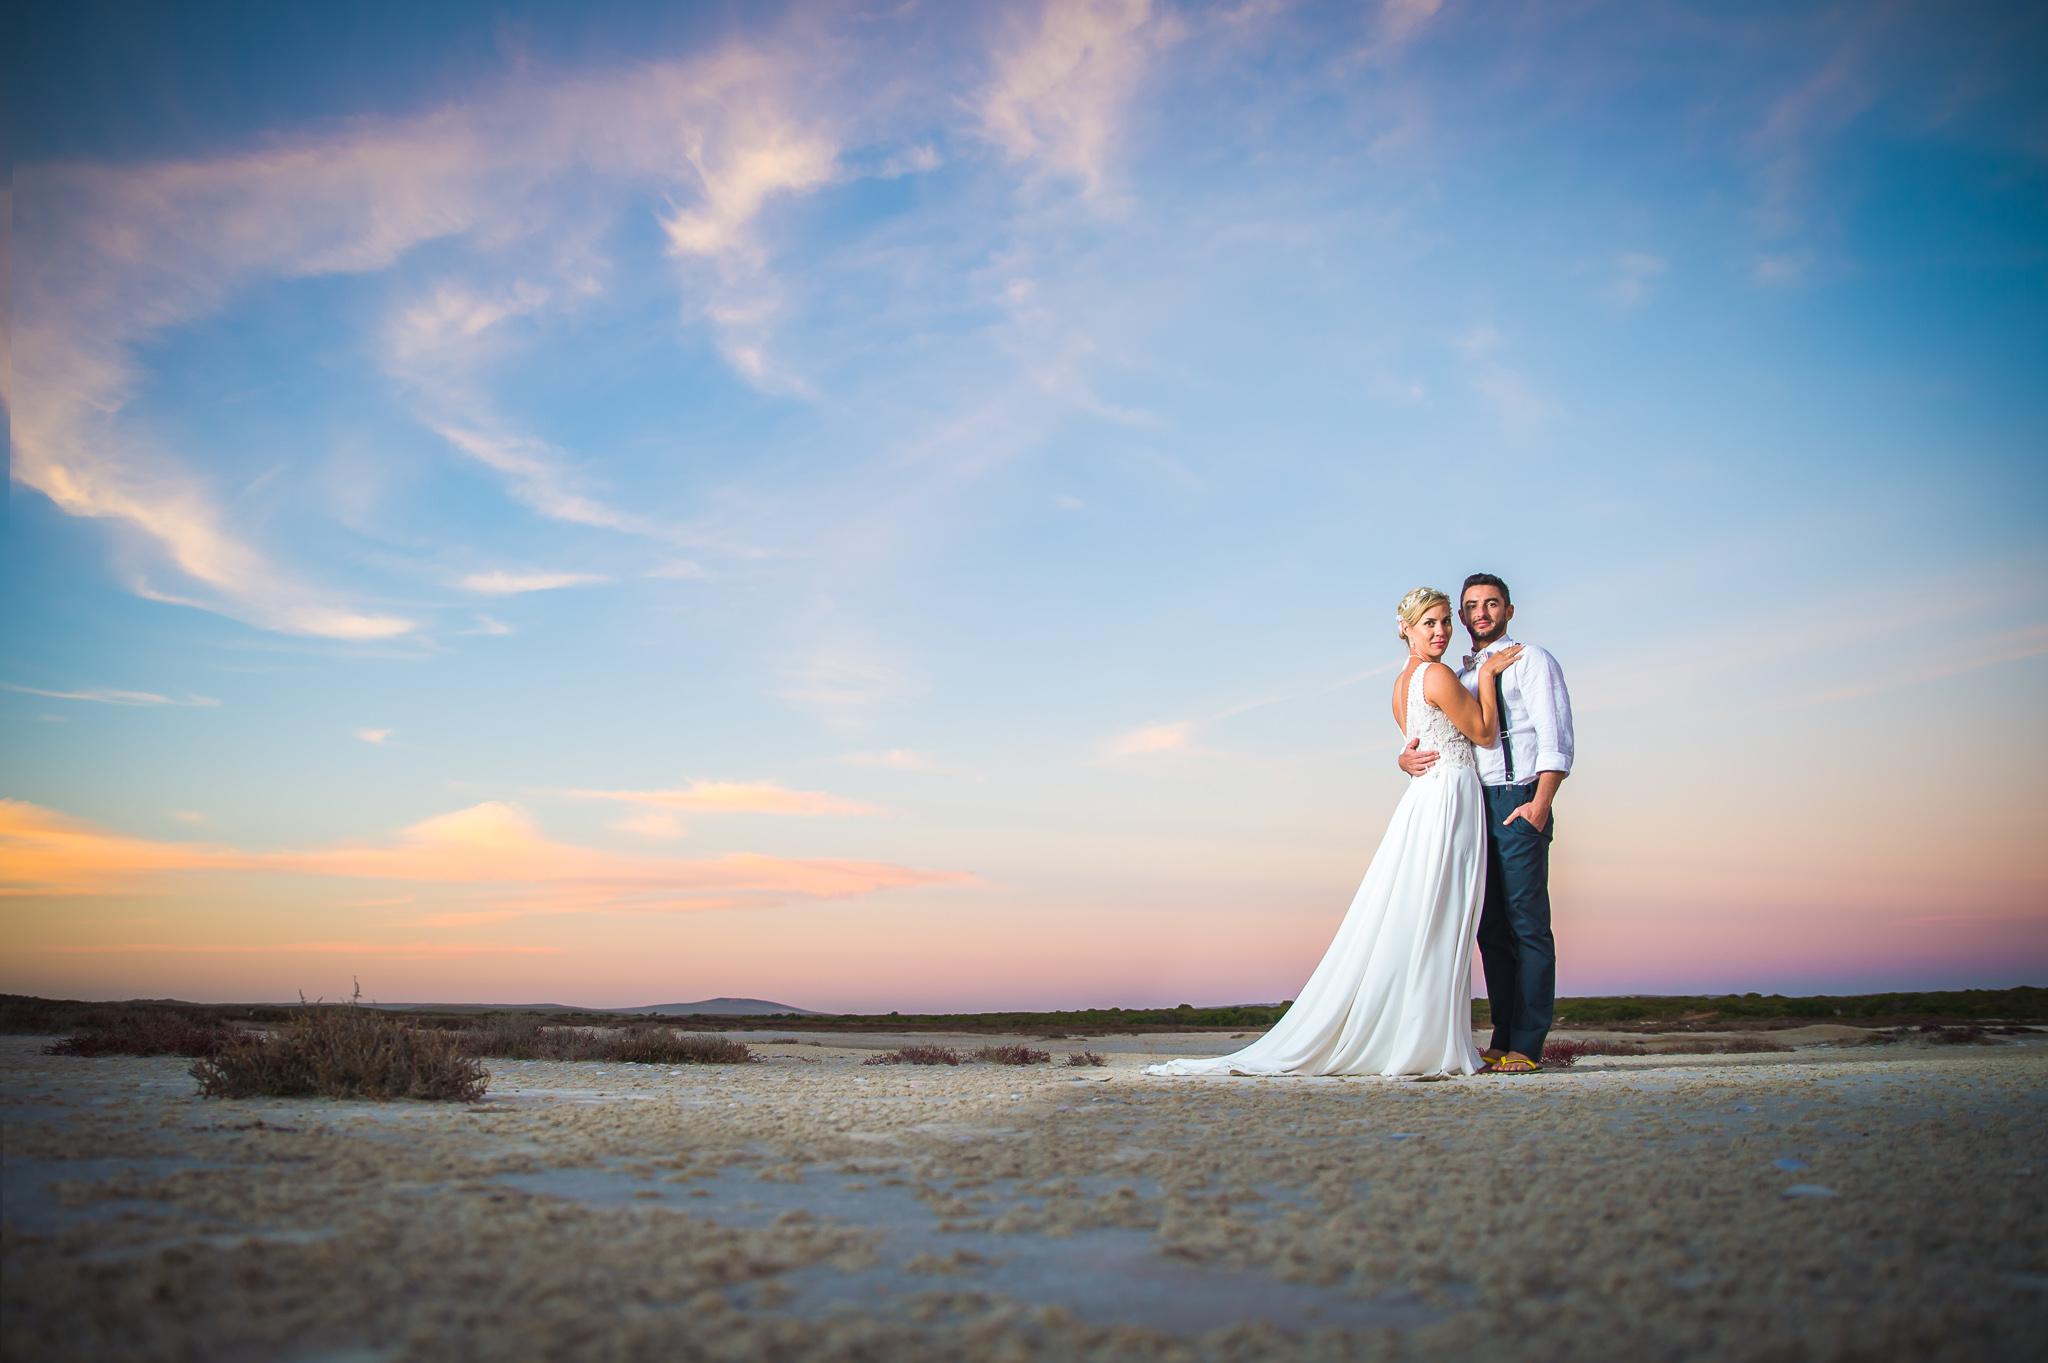 Josh and Debbie Yzerfontein Wedding - Sneak Peak (25 of 36).jpg